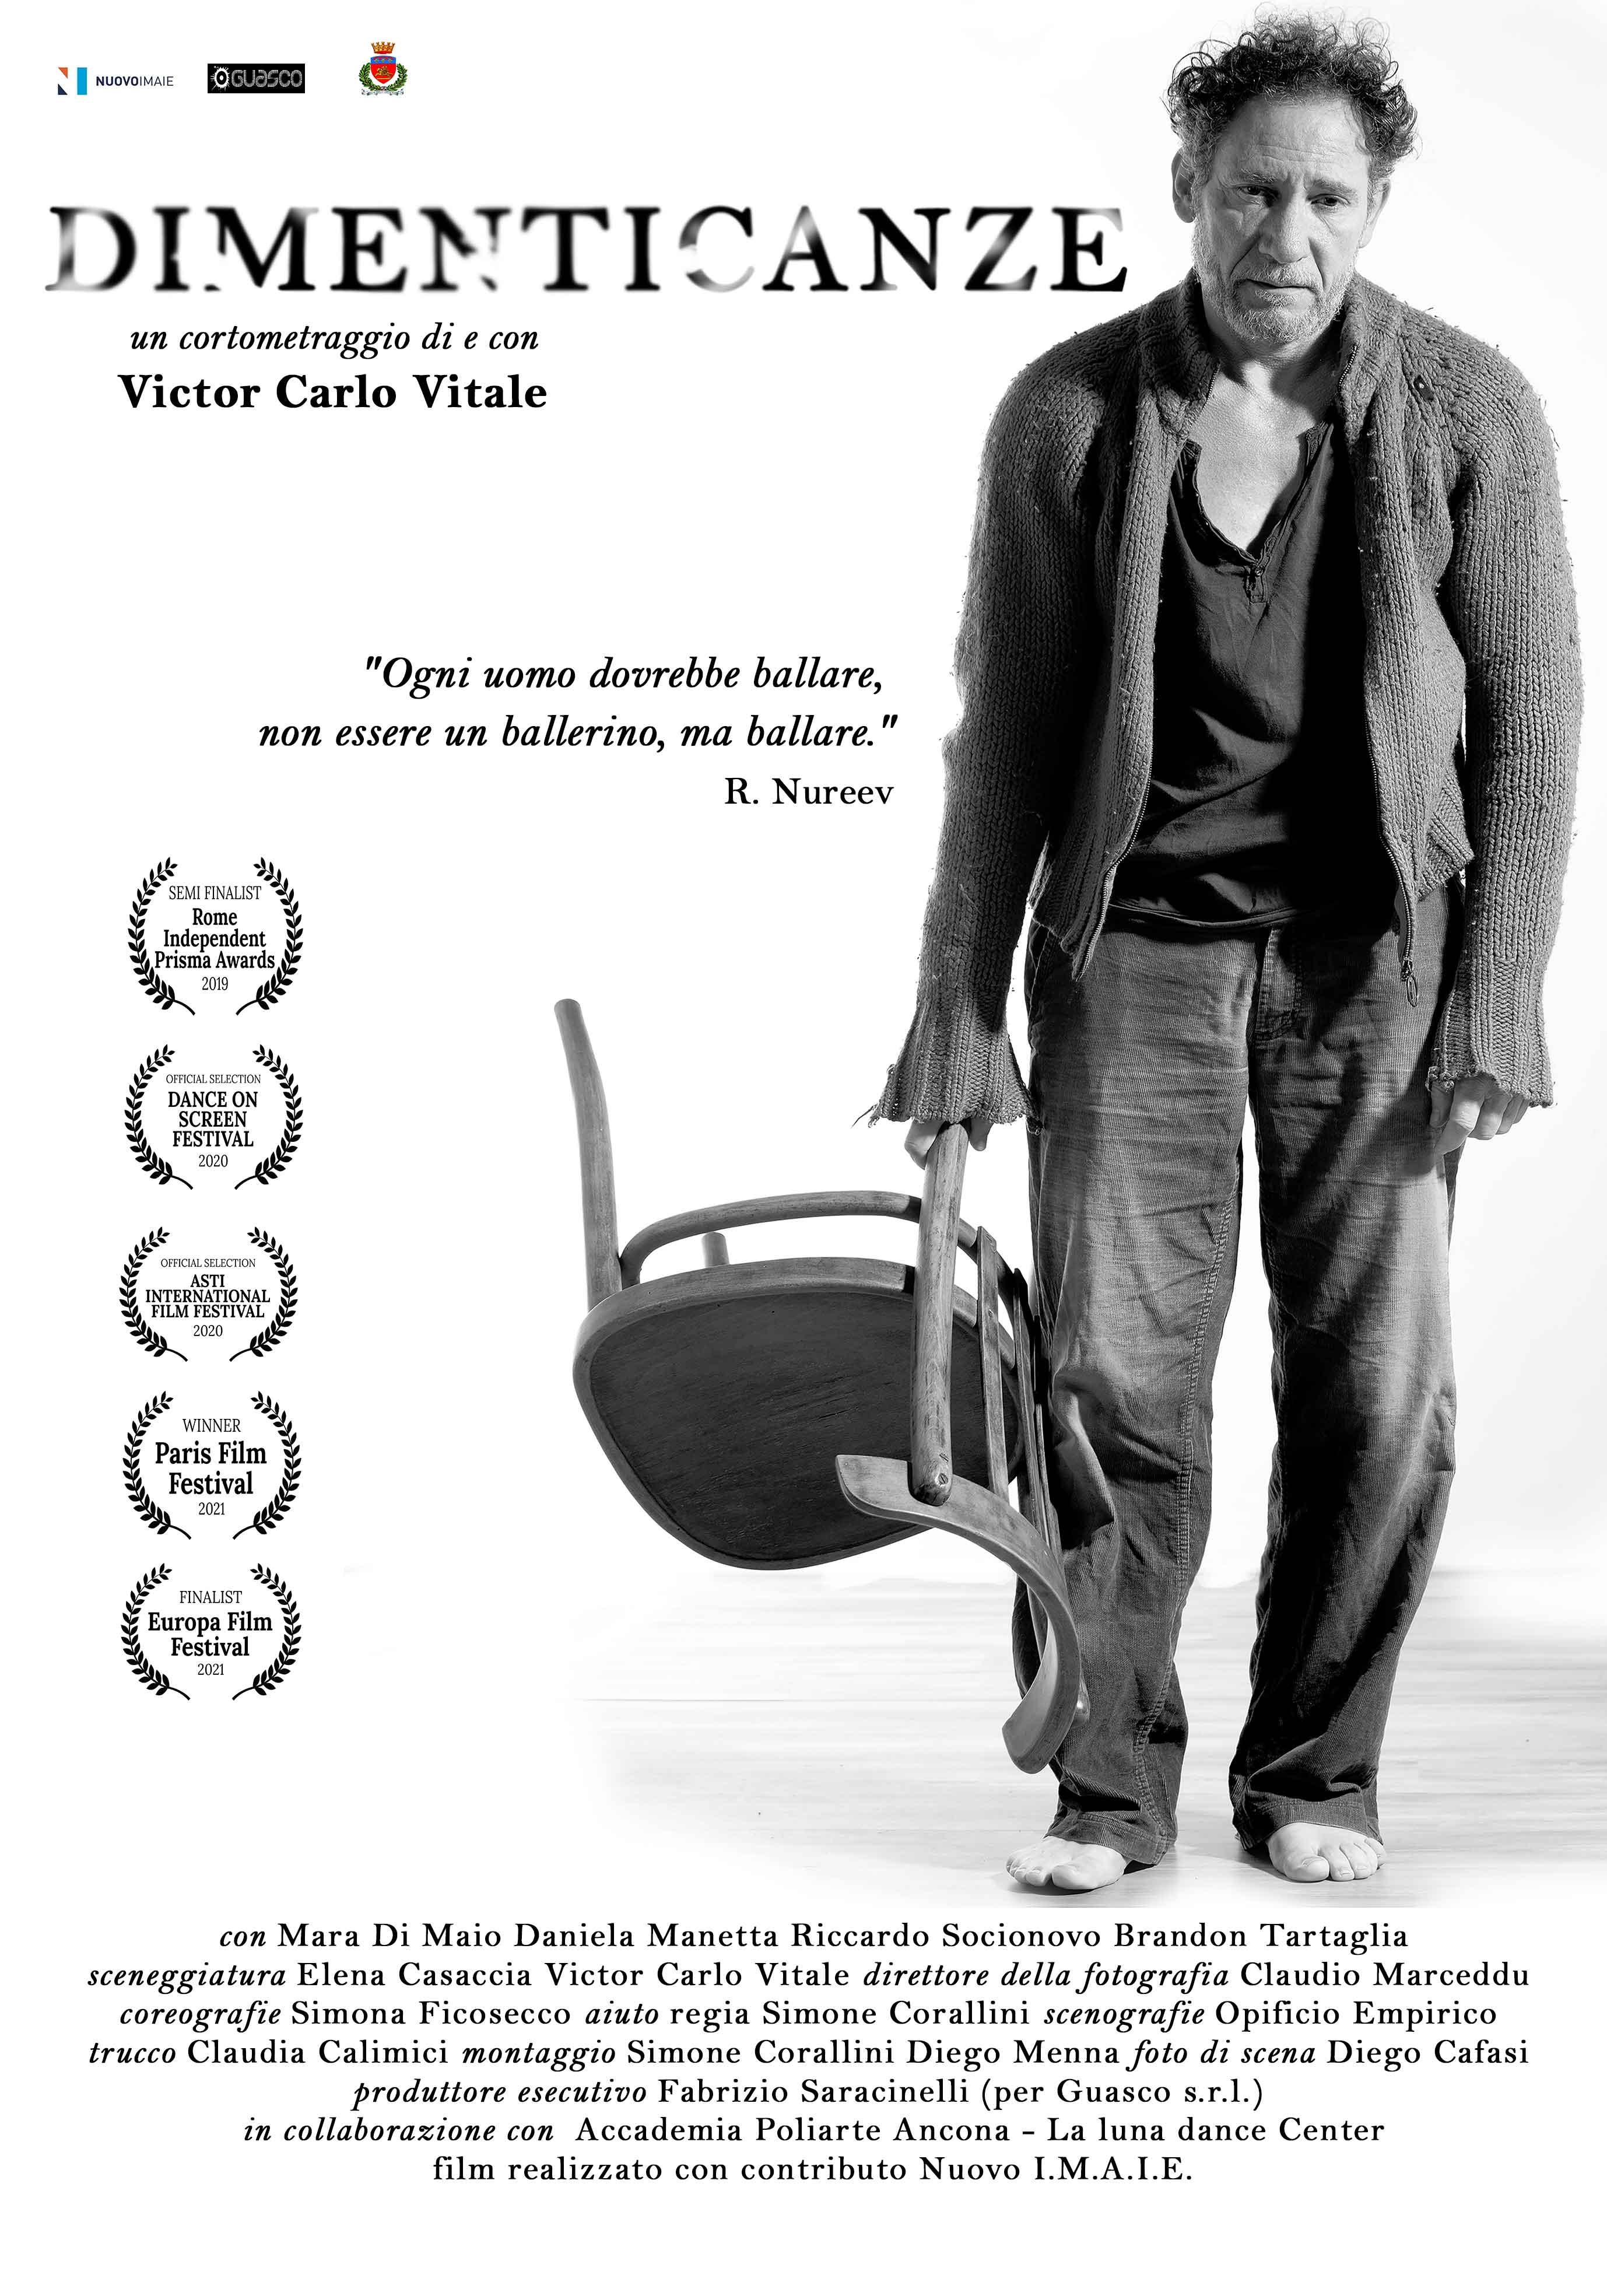 Dimenticanze recensione cortometraggio di Victor Carlo Vitale